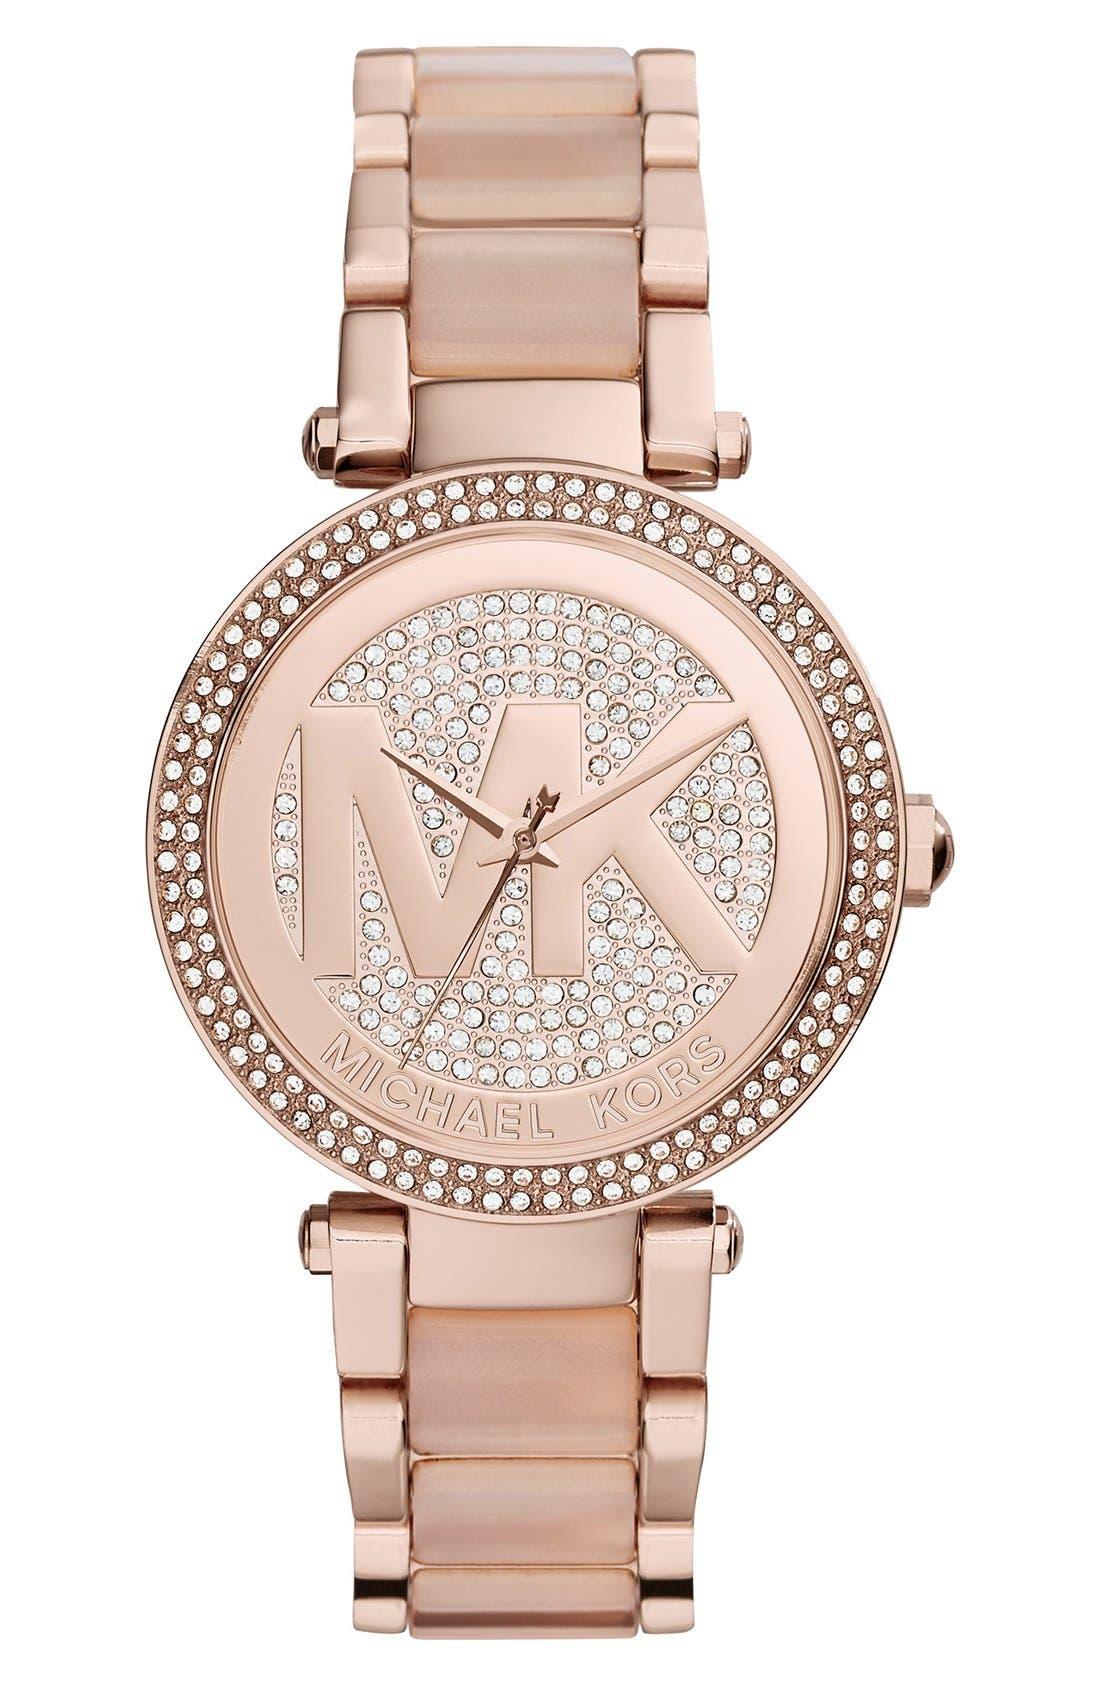 Main Image - Michael Kors'Parker' Bracelet Watch,39mm